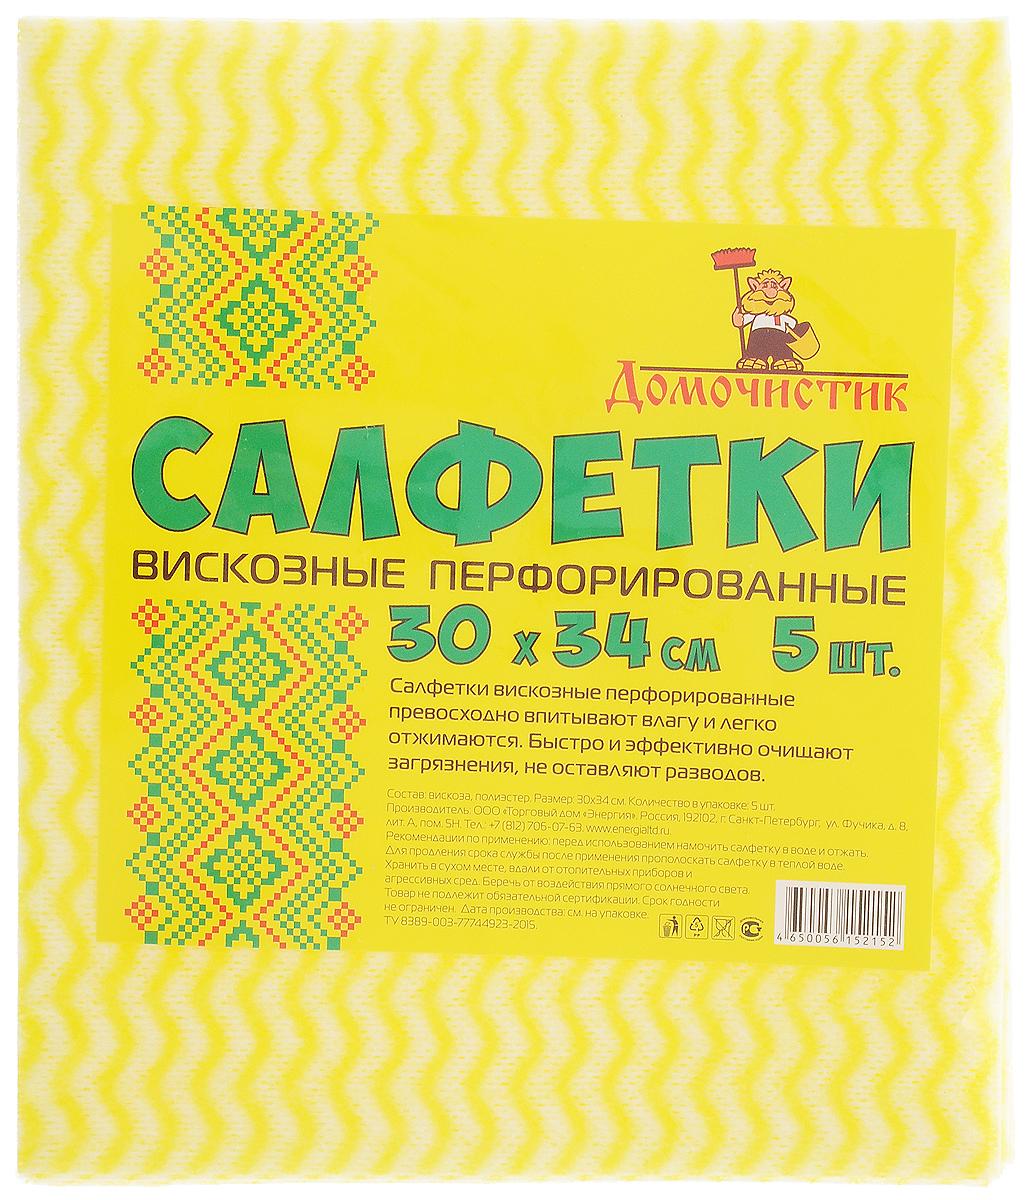 Салфетка для уборки Домочистик из вискозы, перфорированная, цвет: желтый, 30 x 34 см, 5 шт13007_желтыйПерфорированные салфетки для уборки Домочистик выполнены из вискозы, превосходно впитывают влагу и легко отжимаются. Быстро и эффективно очищают загрязнения, не оставляют разводов. Рекомендации по применению:Перед использованием намочить салфетку в воде и отжать.Для продления срока службы после применения прополоскать в теплой воде.Хранить в сухом месте, вдали отопительных приборов и агрессивных сред.